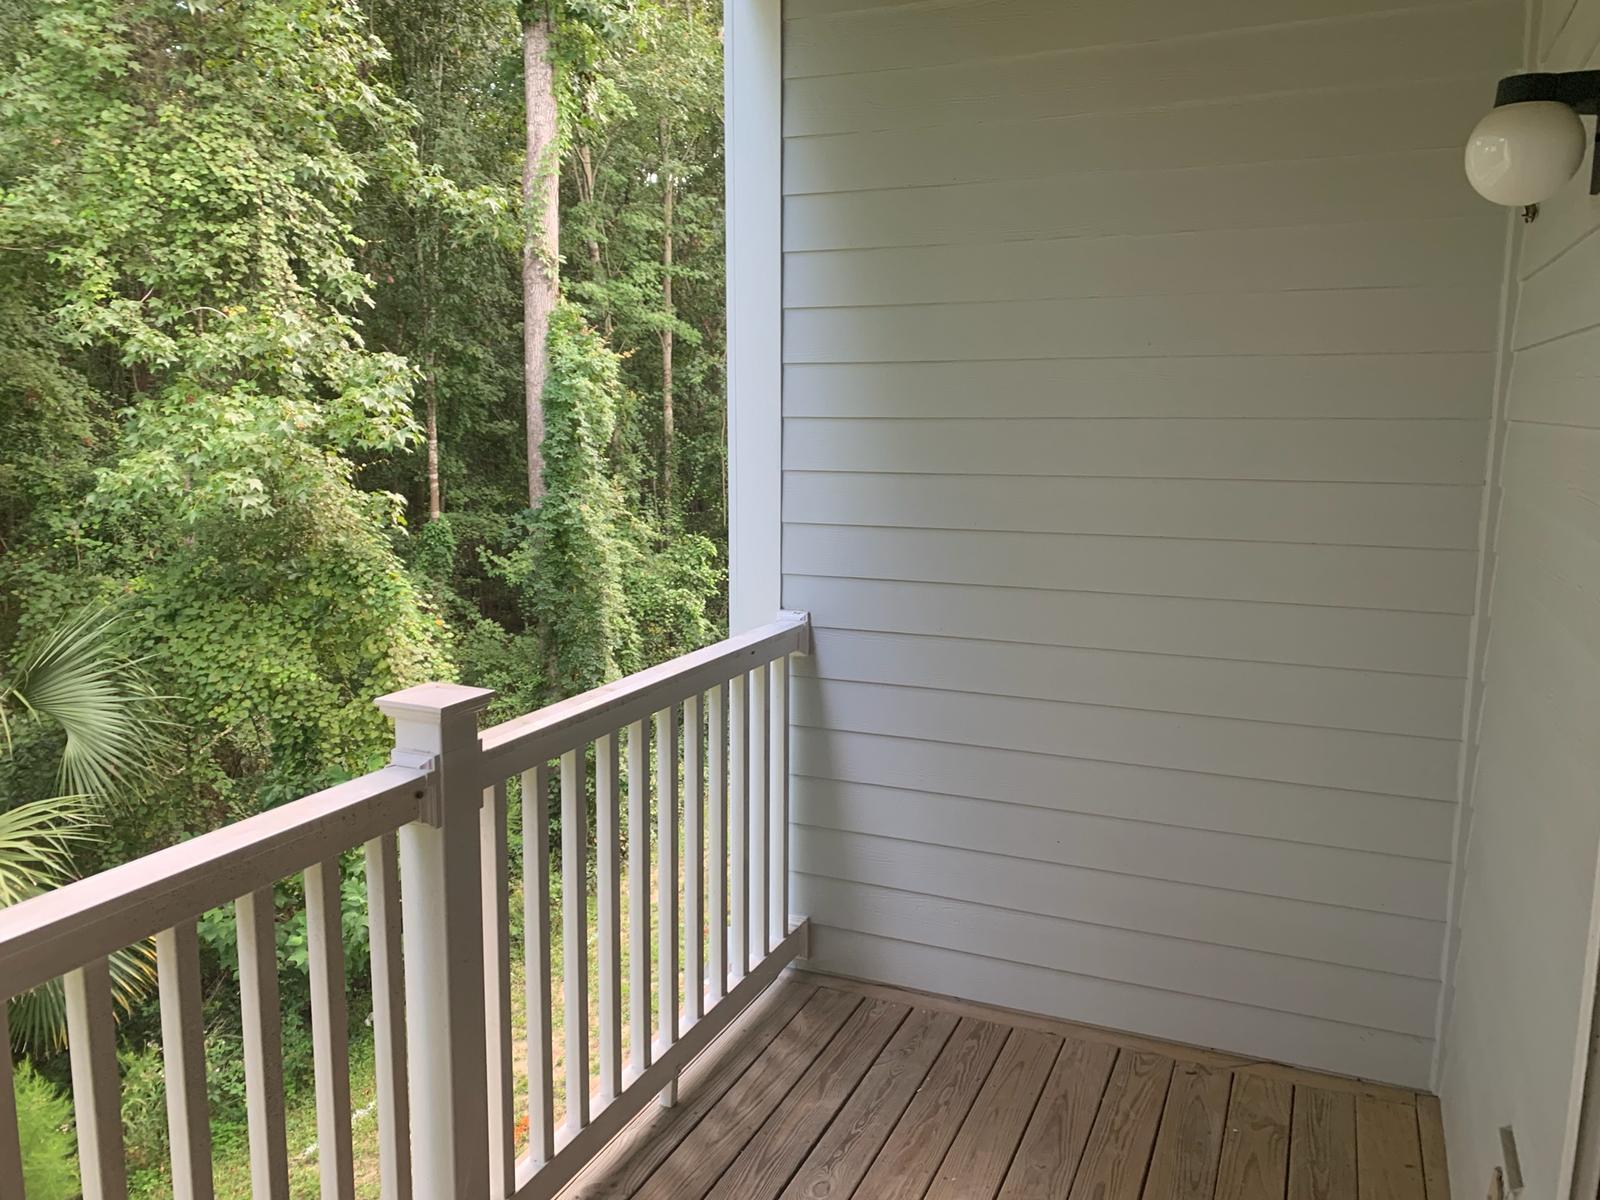 Park West Homes For Sale - 1300 Park West Blvd, Mount Pleasant, SC - 10